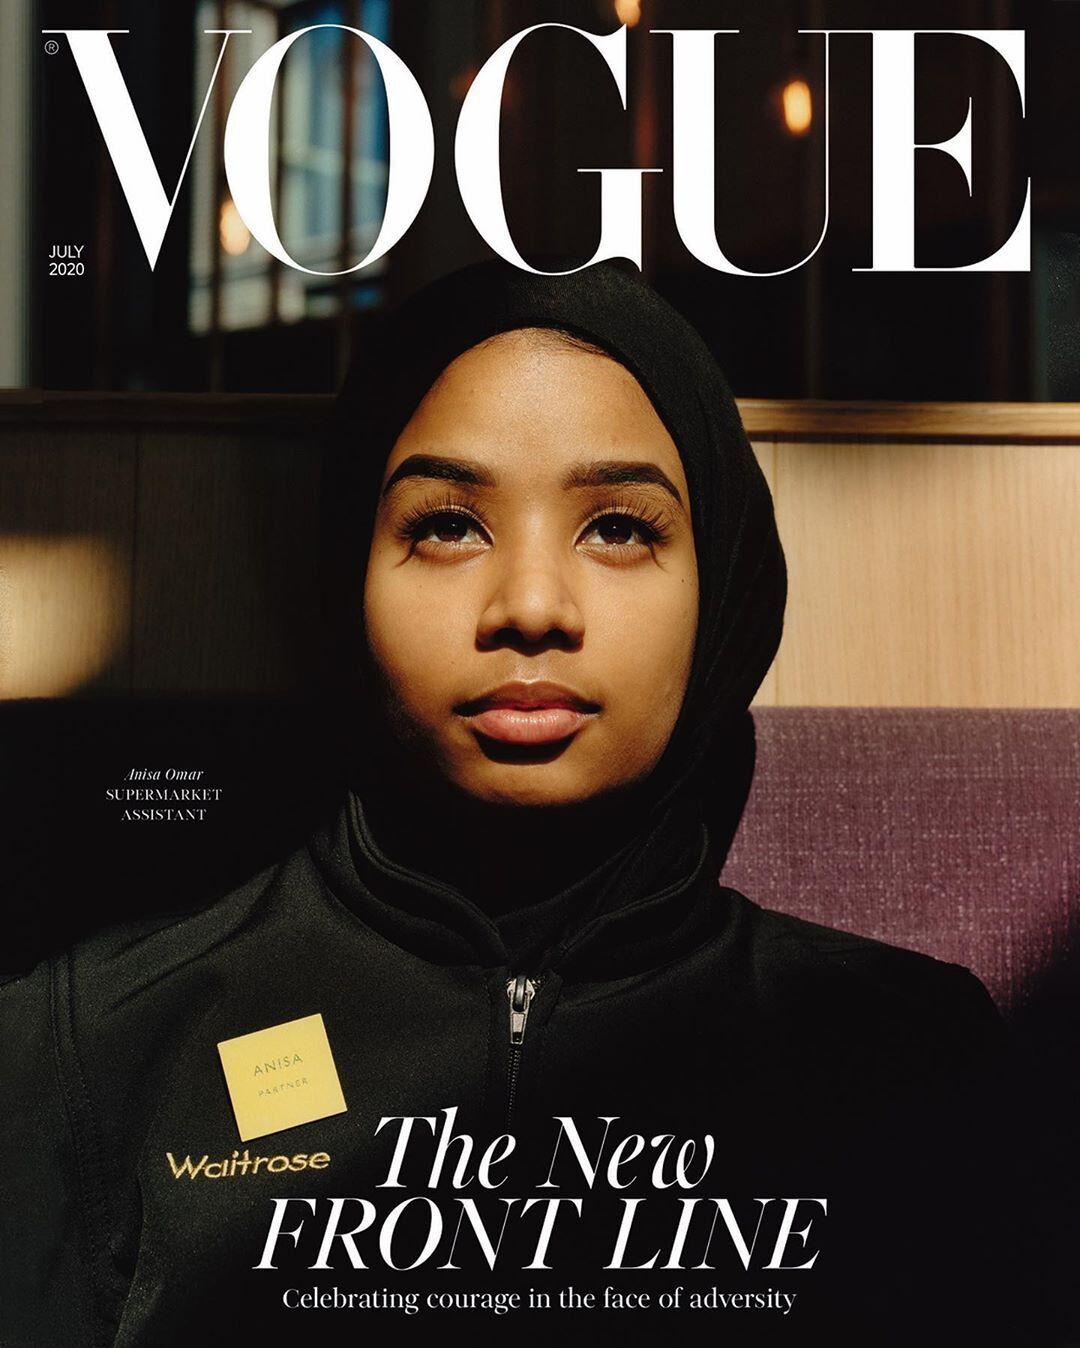 Продавчиня та машиністка: Vogue представив несподівані обкладинки журналу